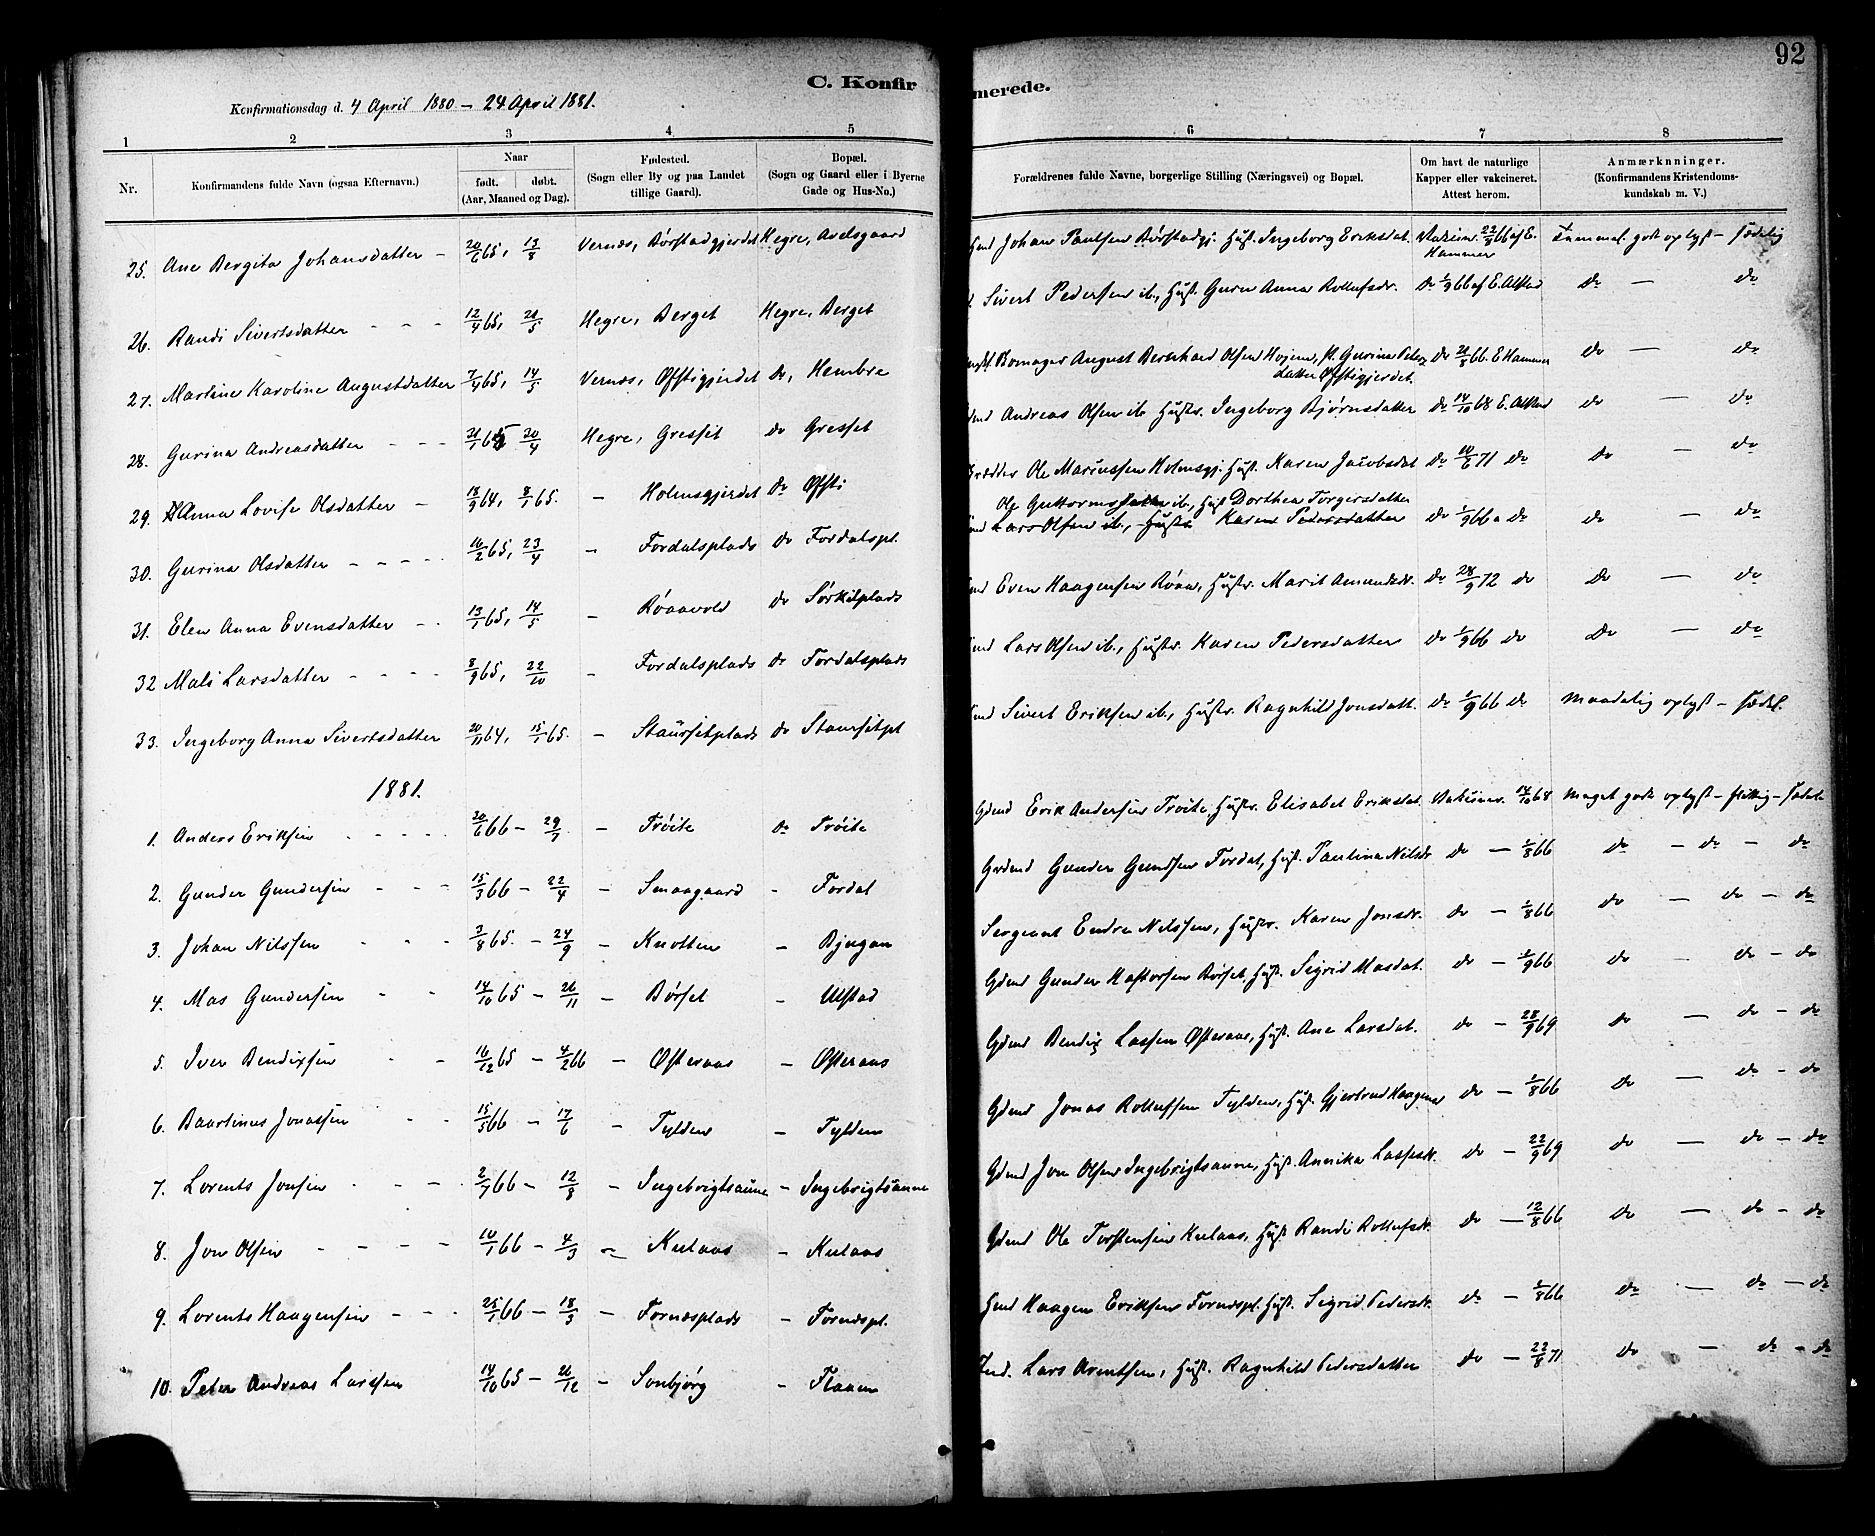 SAT, Ministerialprotokoller, klokkerbøker og fødselsregistre - Nord-Trøndelag, 703/L0030: Ministerialbok nr. 703A03, 1880-1892, s. 92